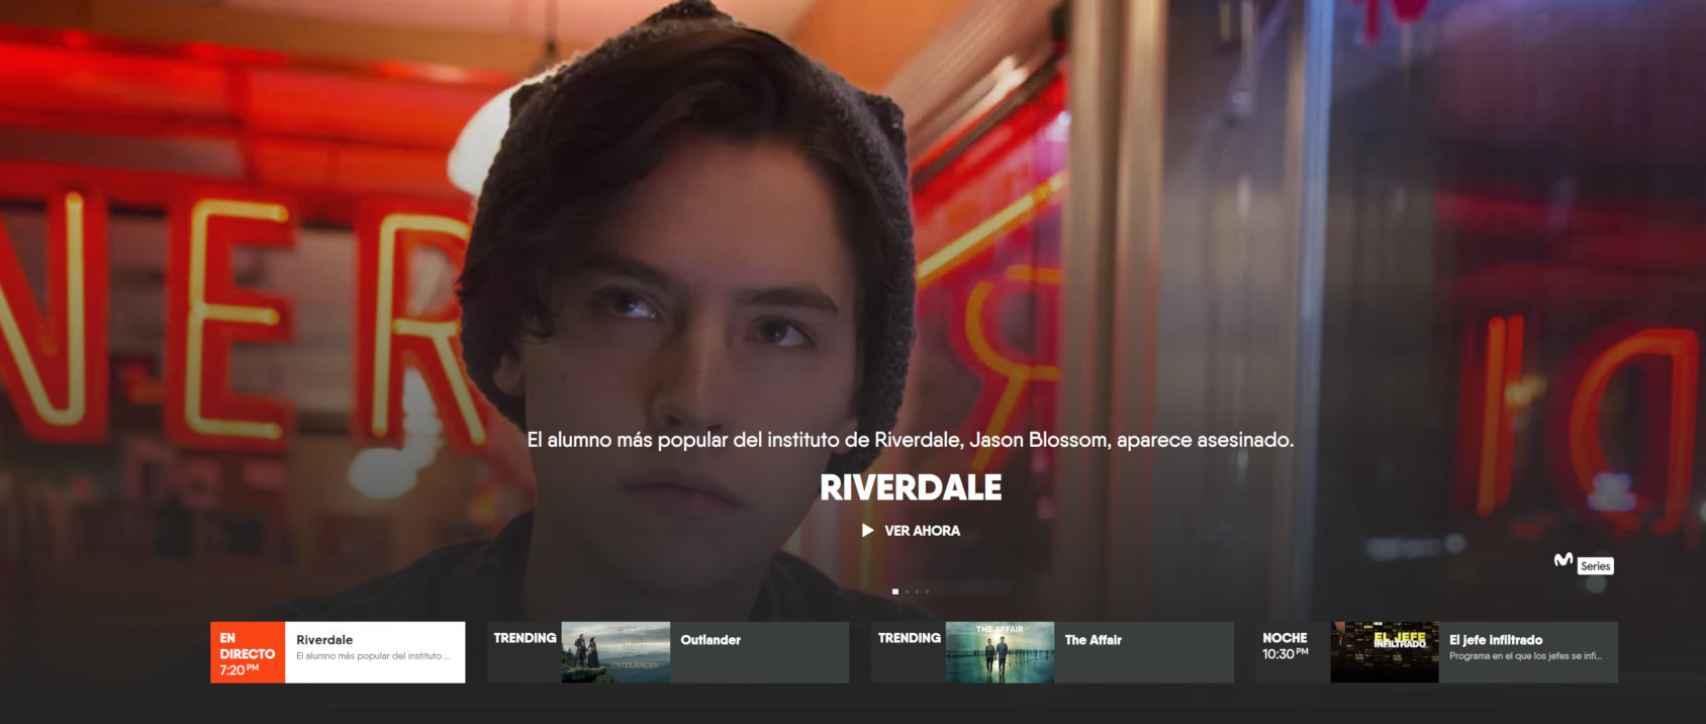 Movistar Series en fuboTV